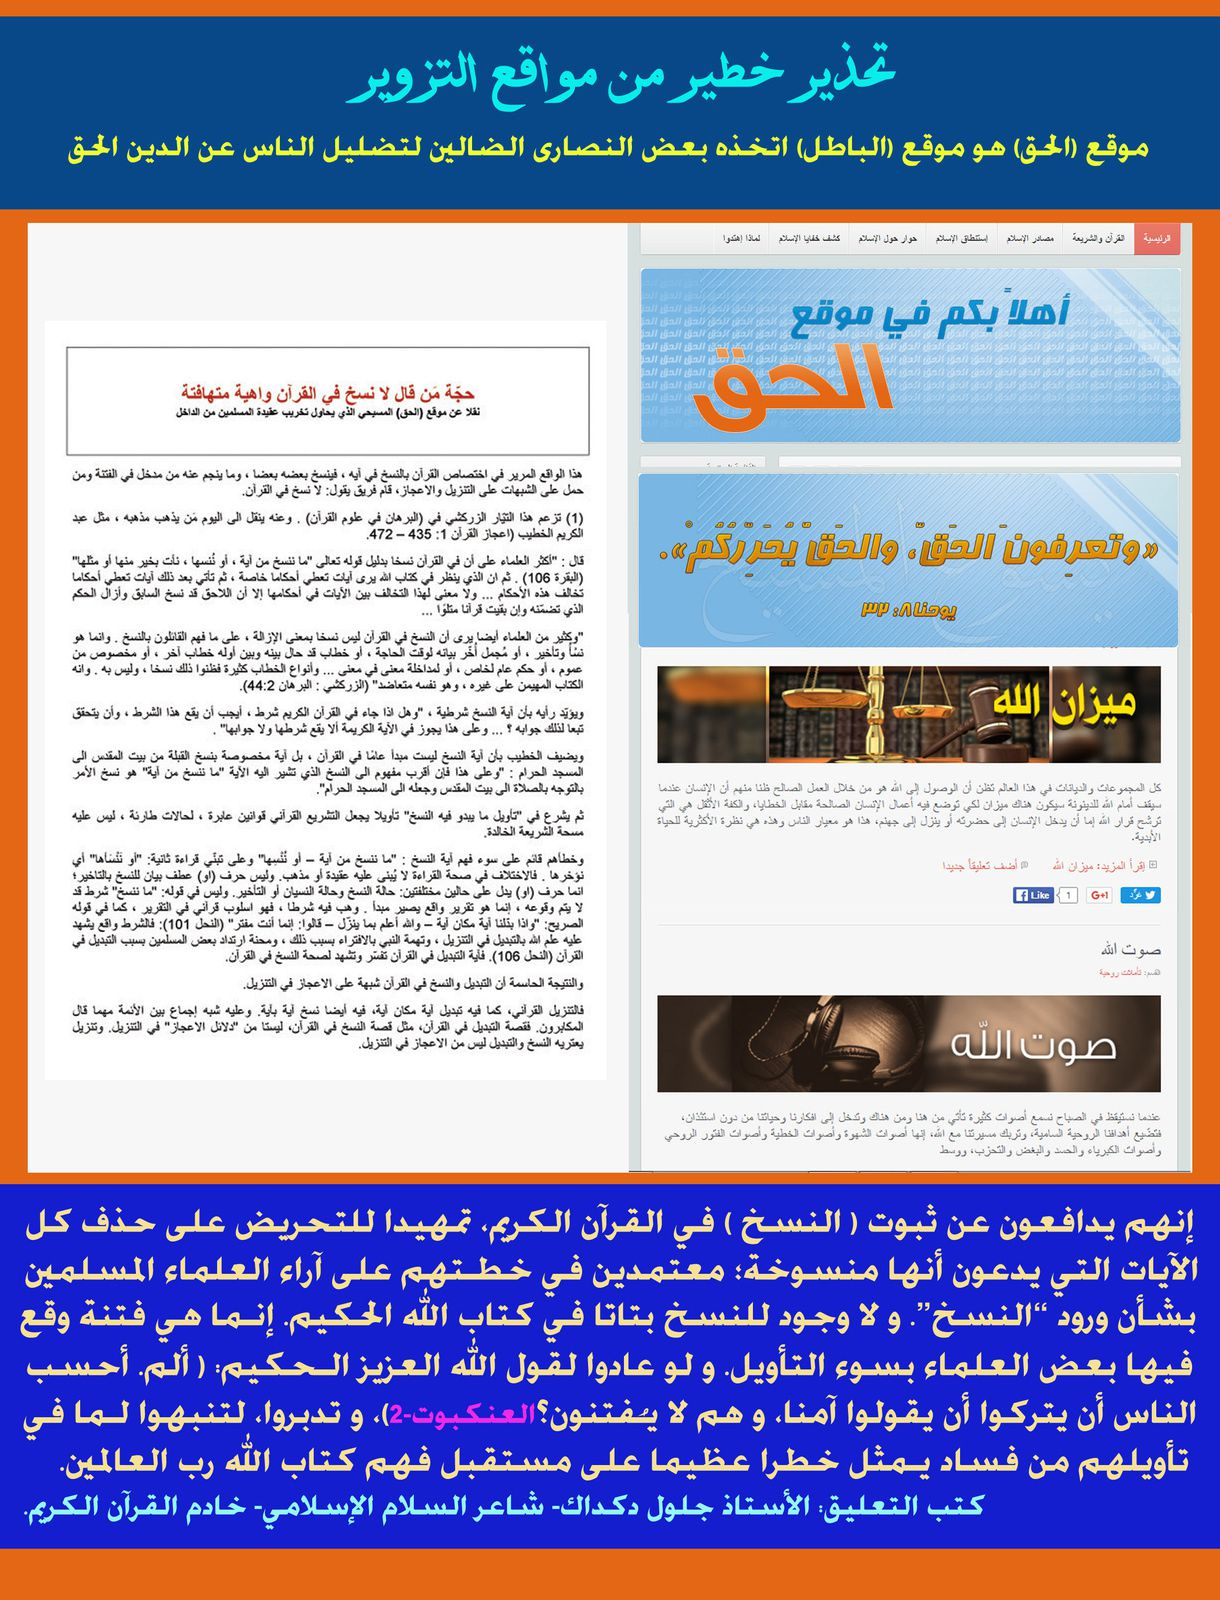 .تحذير خطير من مواقع التزوير : كلا! لا نسخ في القرآن